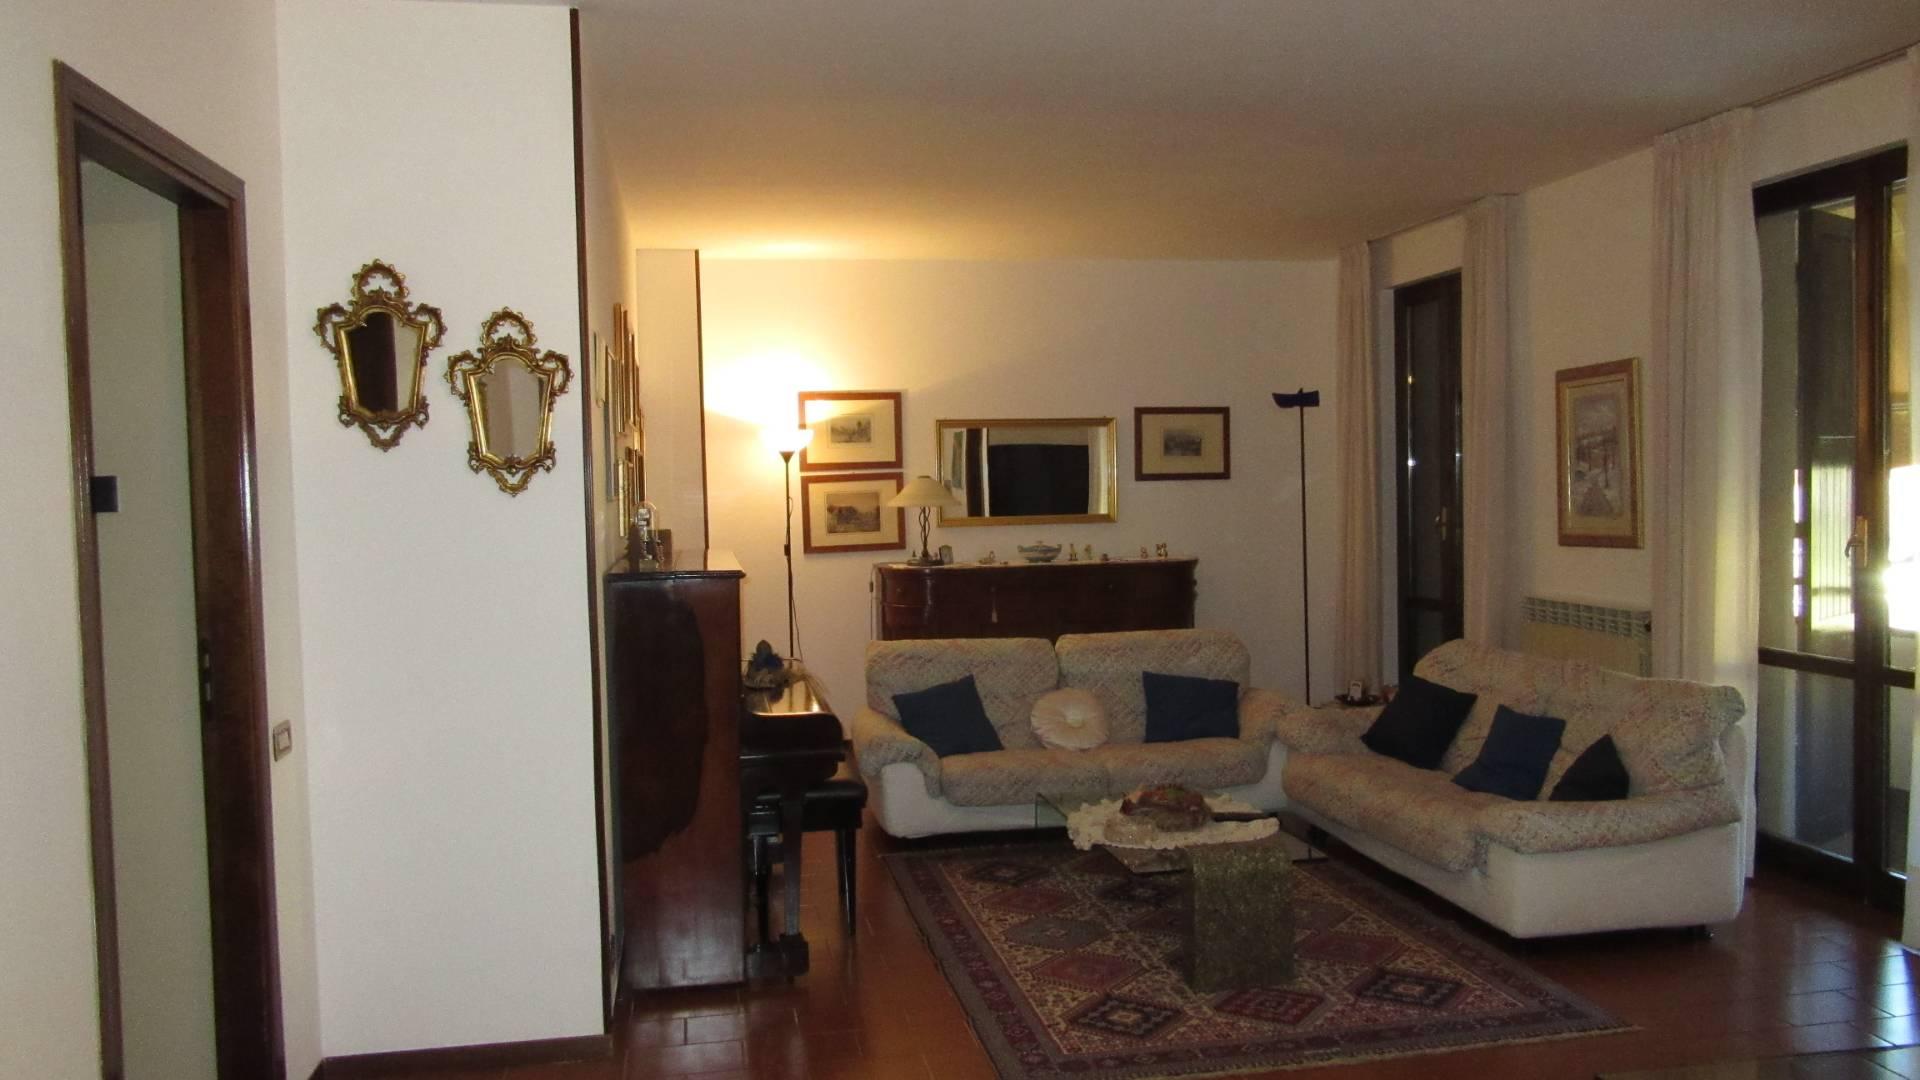 Appartamento in vendita a Villa Carcina, 4 locali, zona Zona: Cailina, prezzo € 142.000 | CambioCasa.it